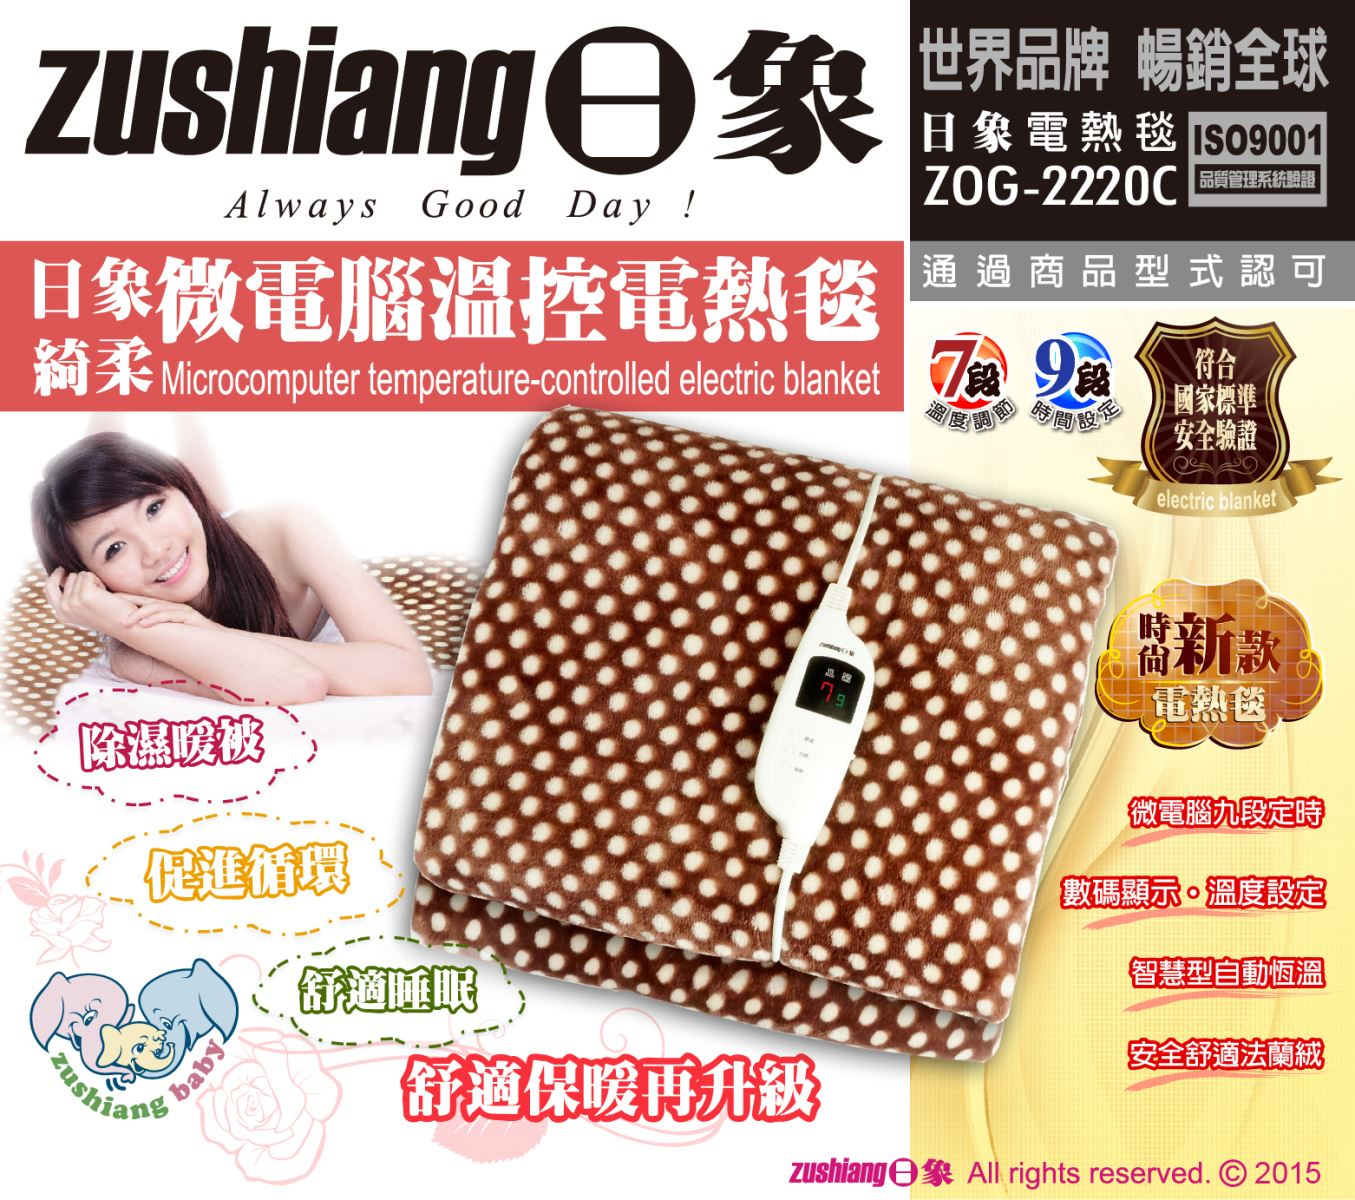 【日象】綺柔微電腦溫控雙人電熱毯 ZOG-2220C